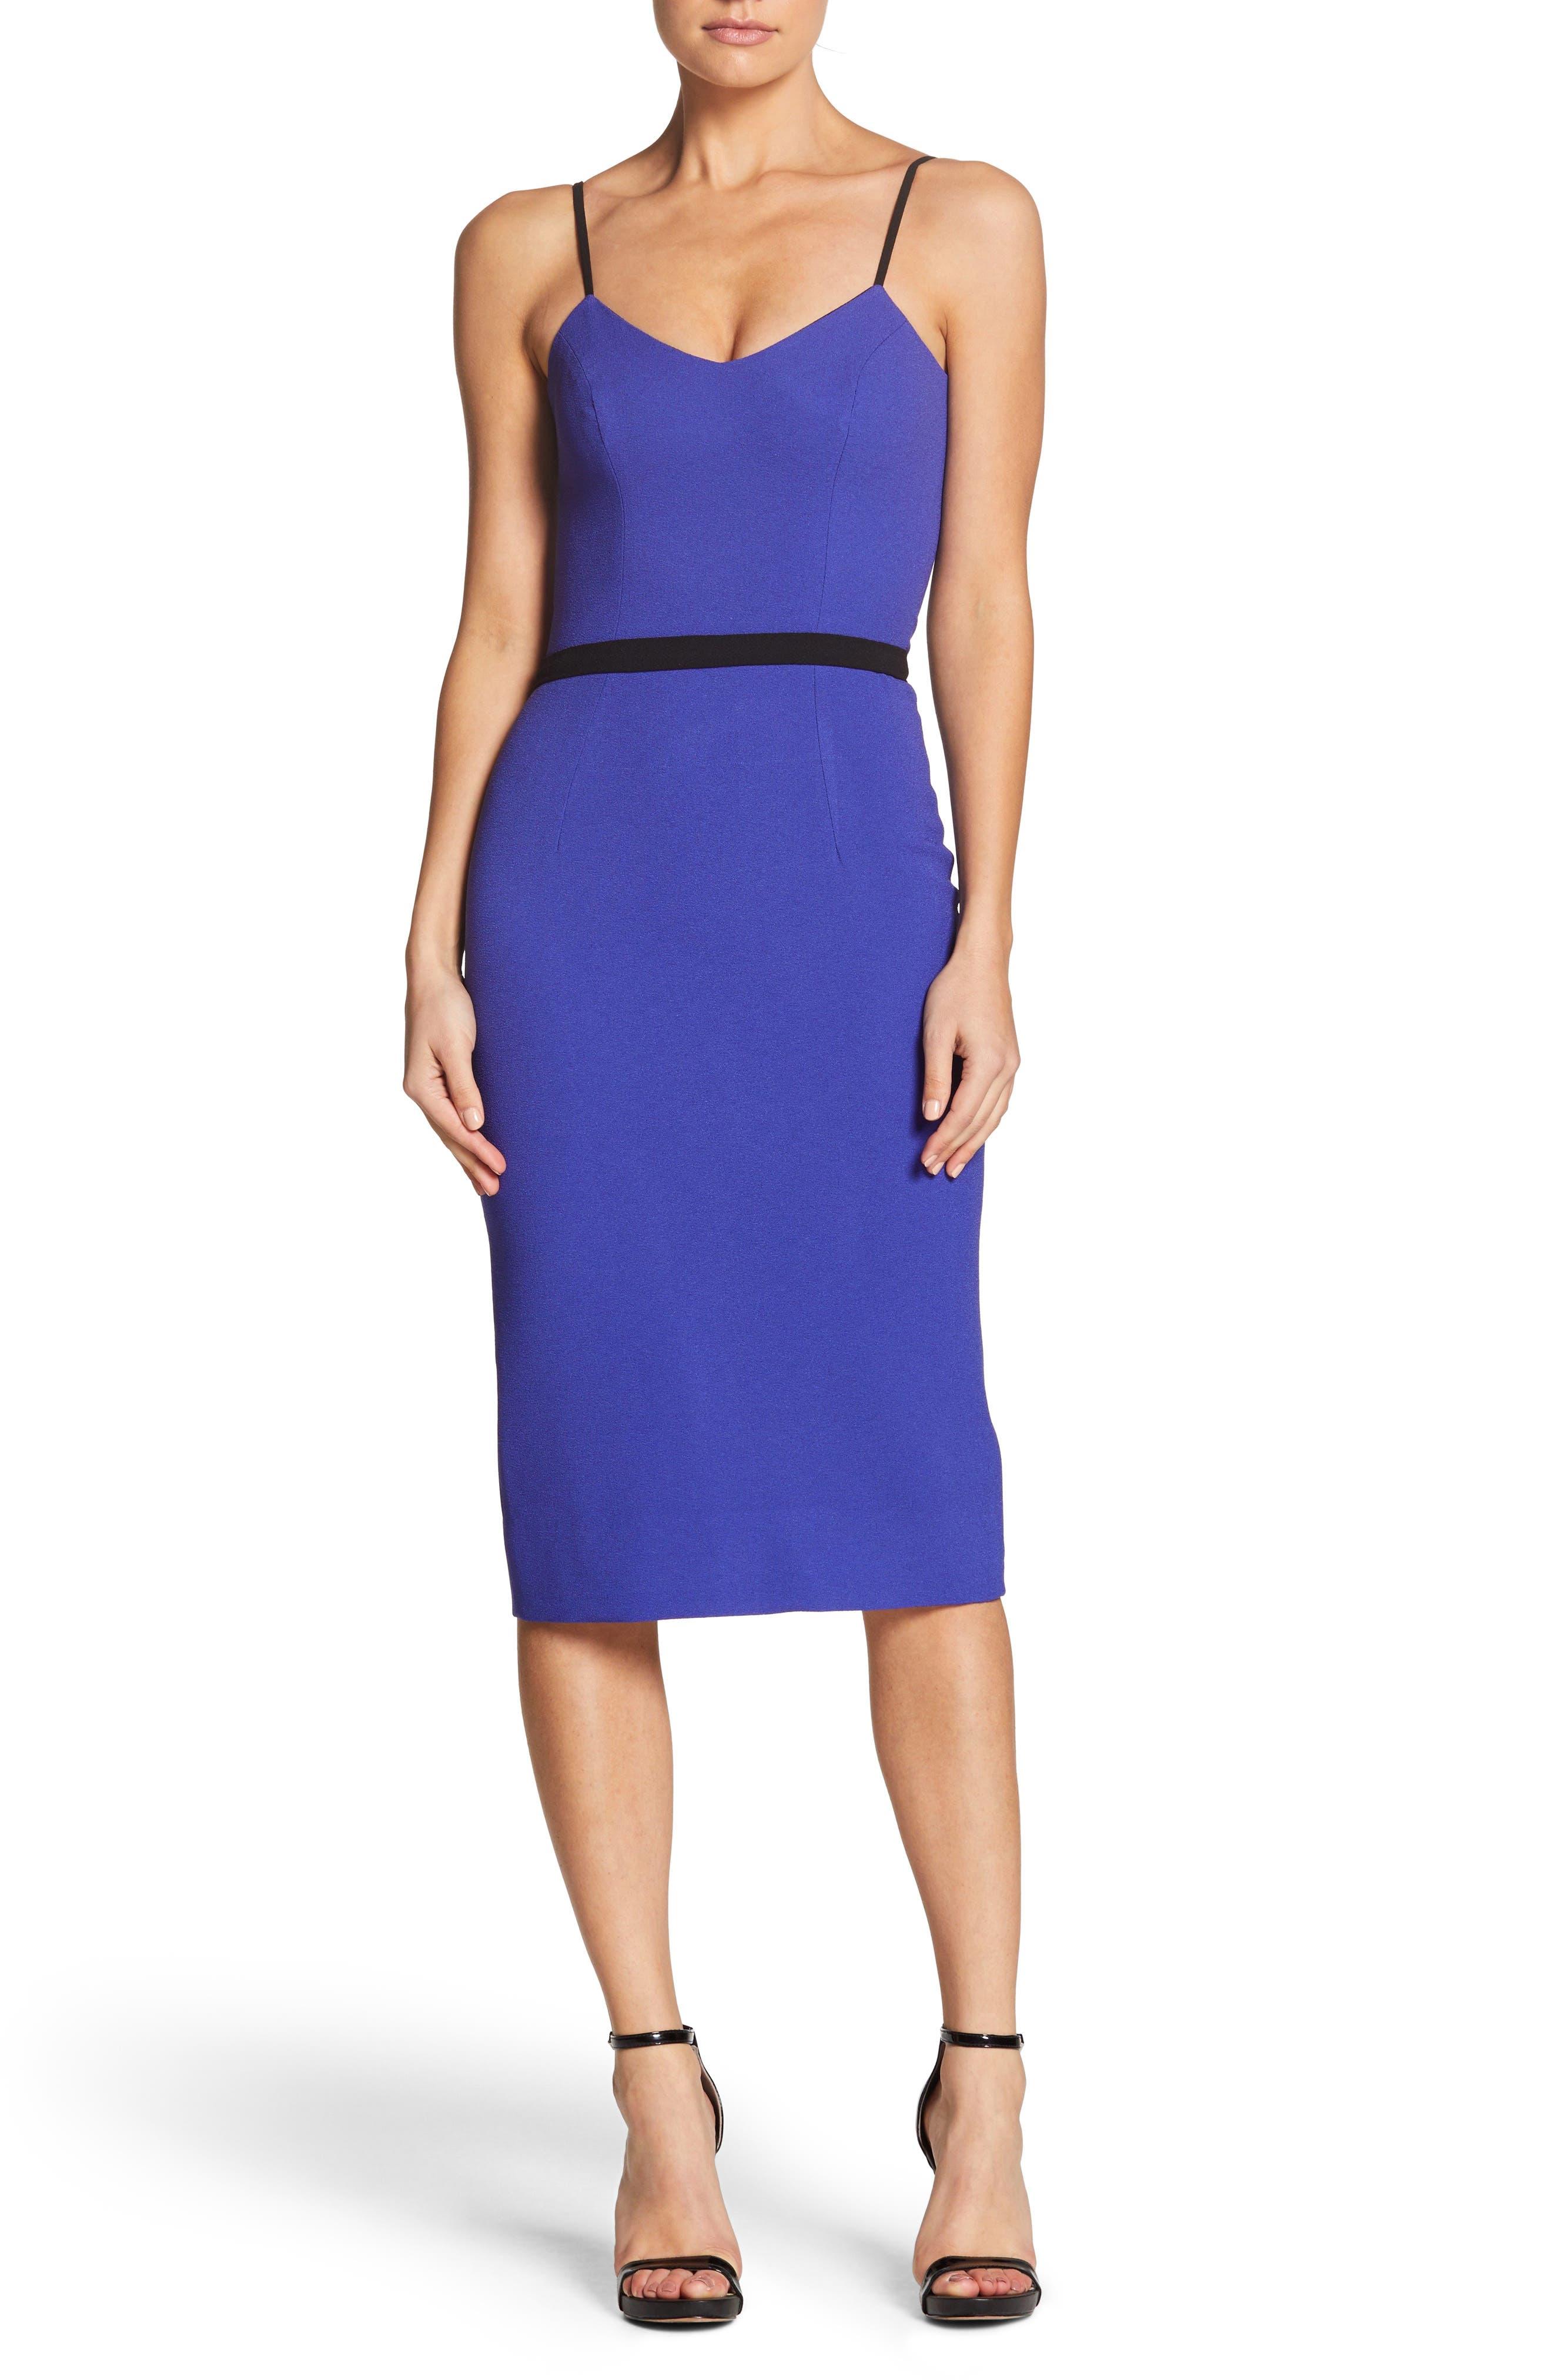 Emma Spaghetti Strap Body-Con Dress,                         Main,                         color, BLUE/ VIOLET